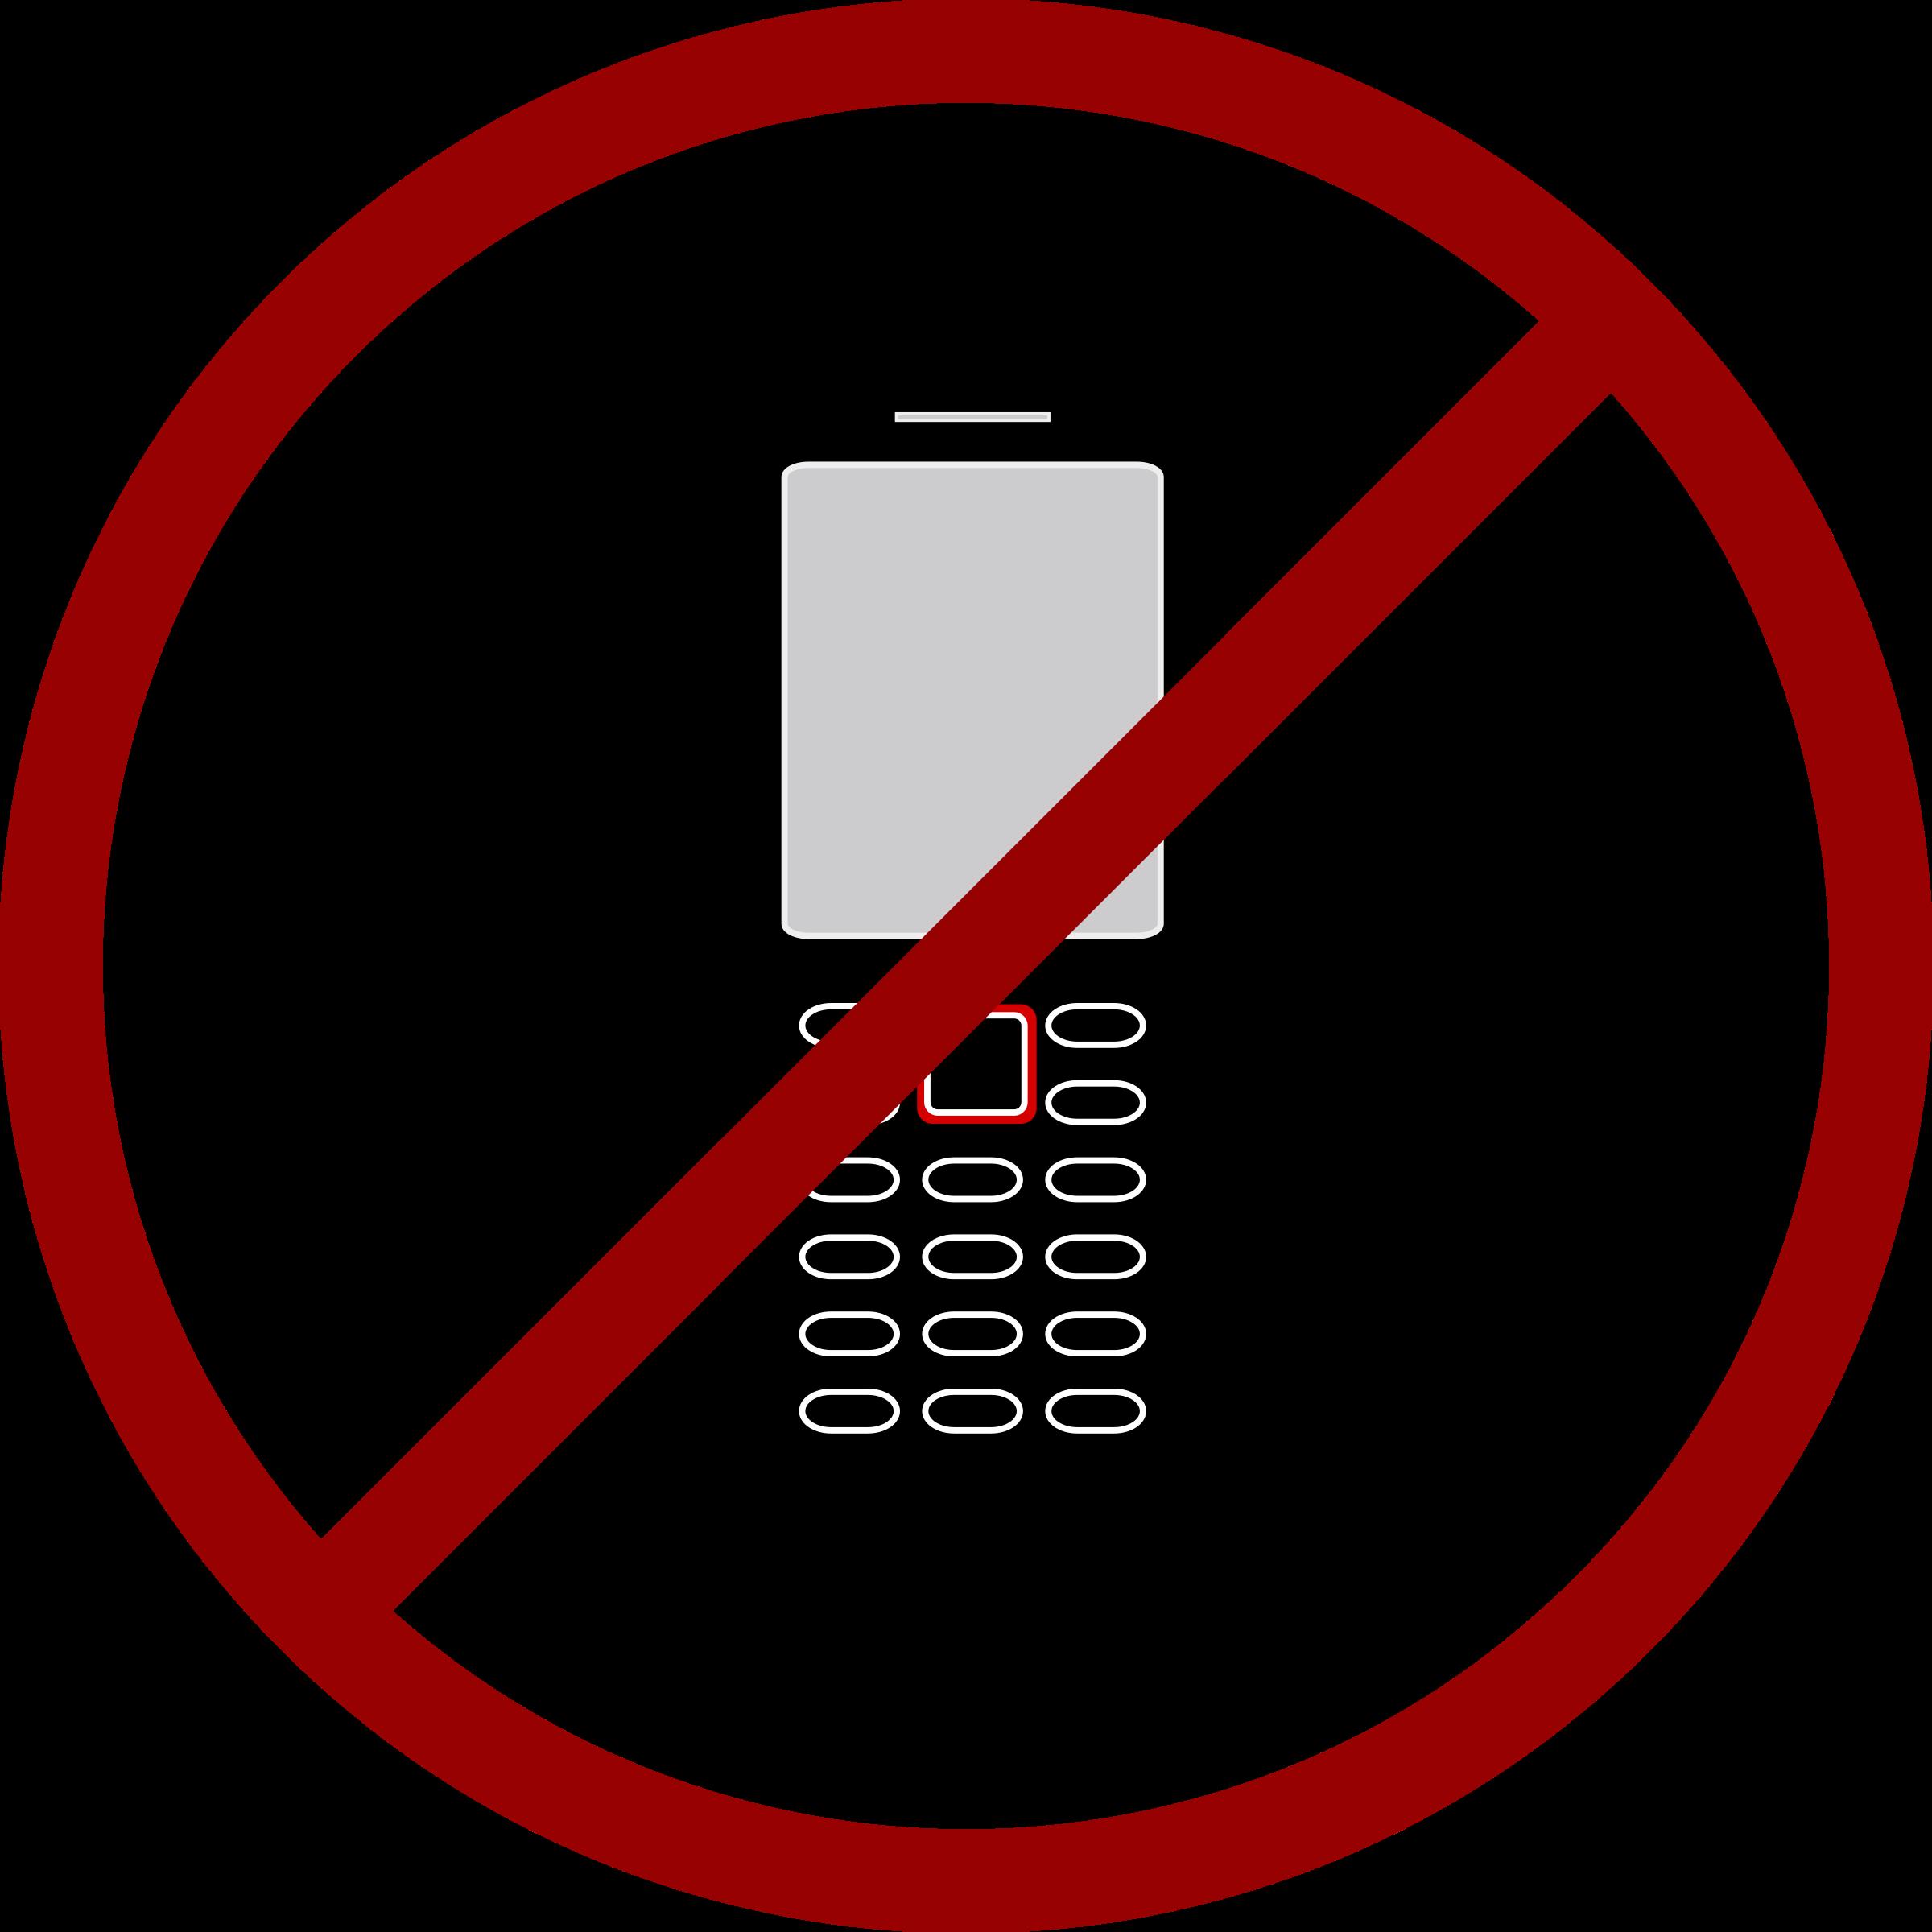 Надписями, картинки мобильный телефон запрещен